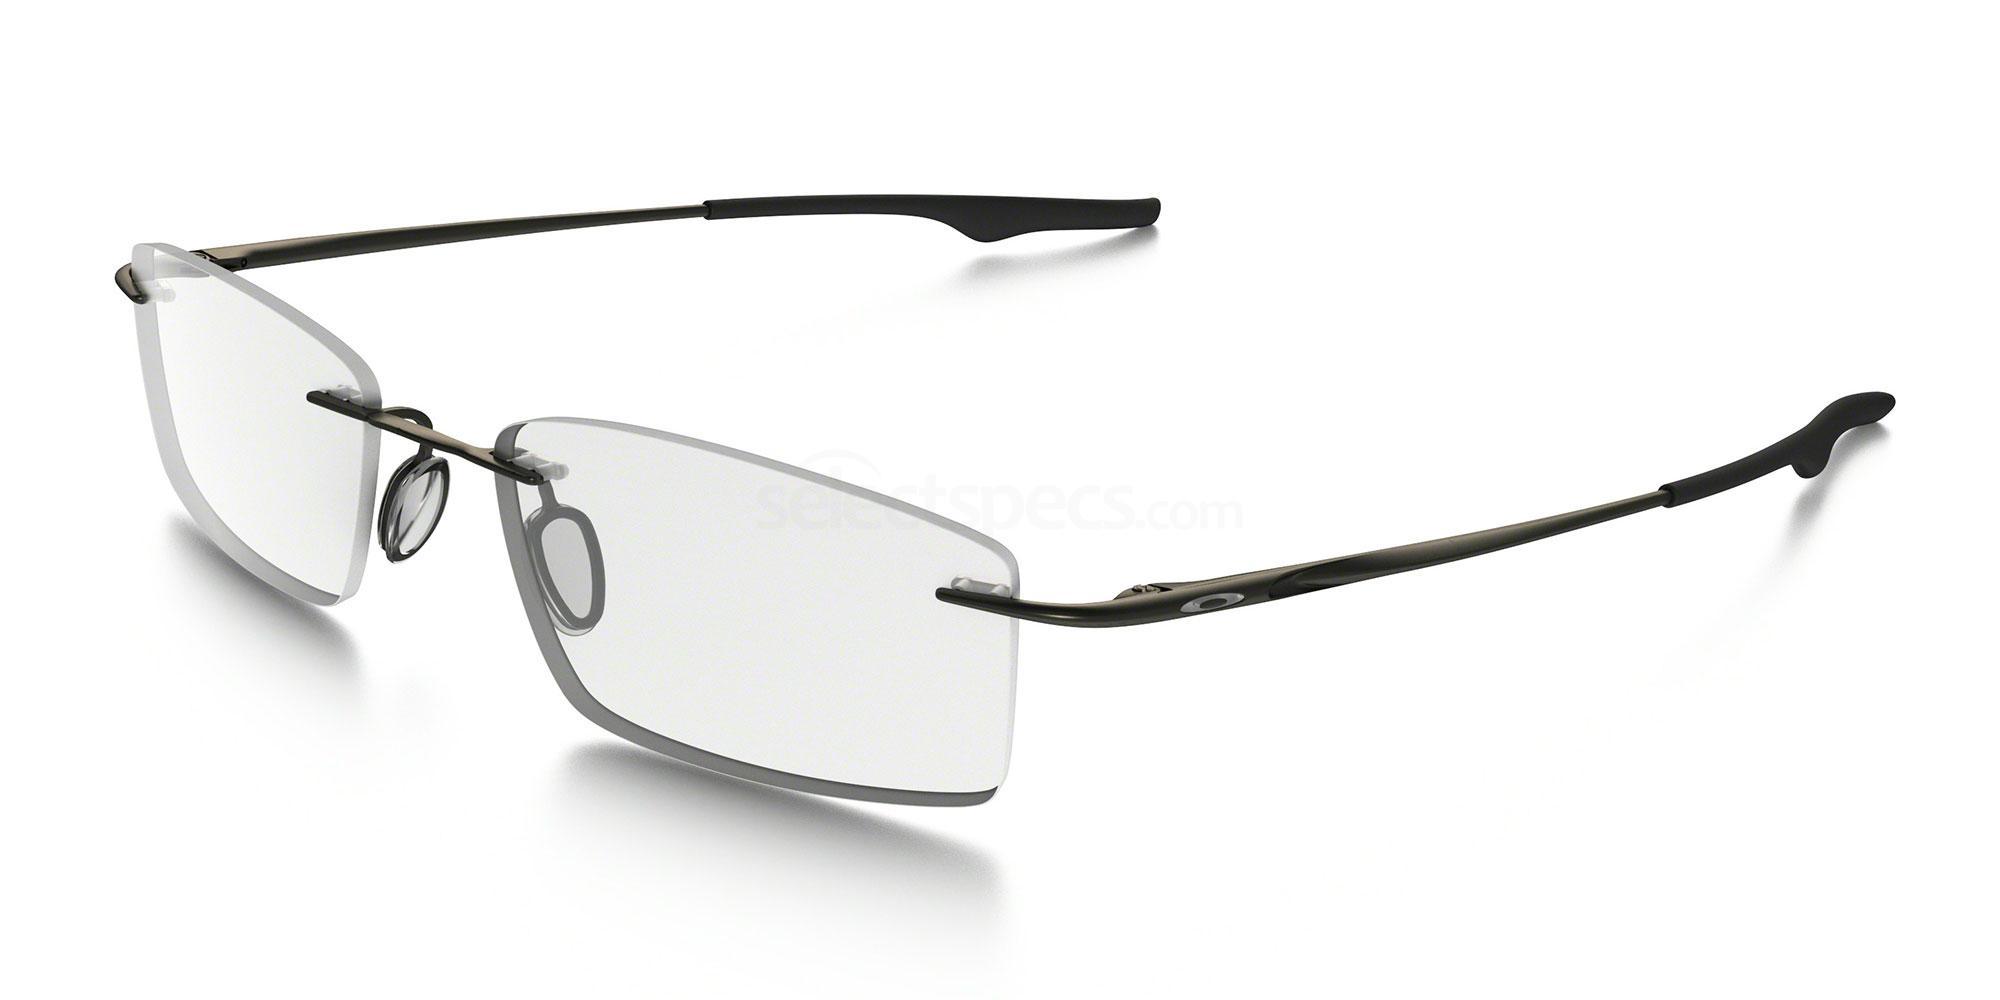 312207 OX3122 KEEL Glasses, Oakley